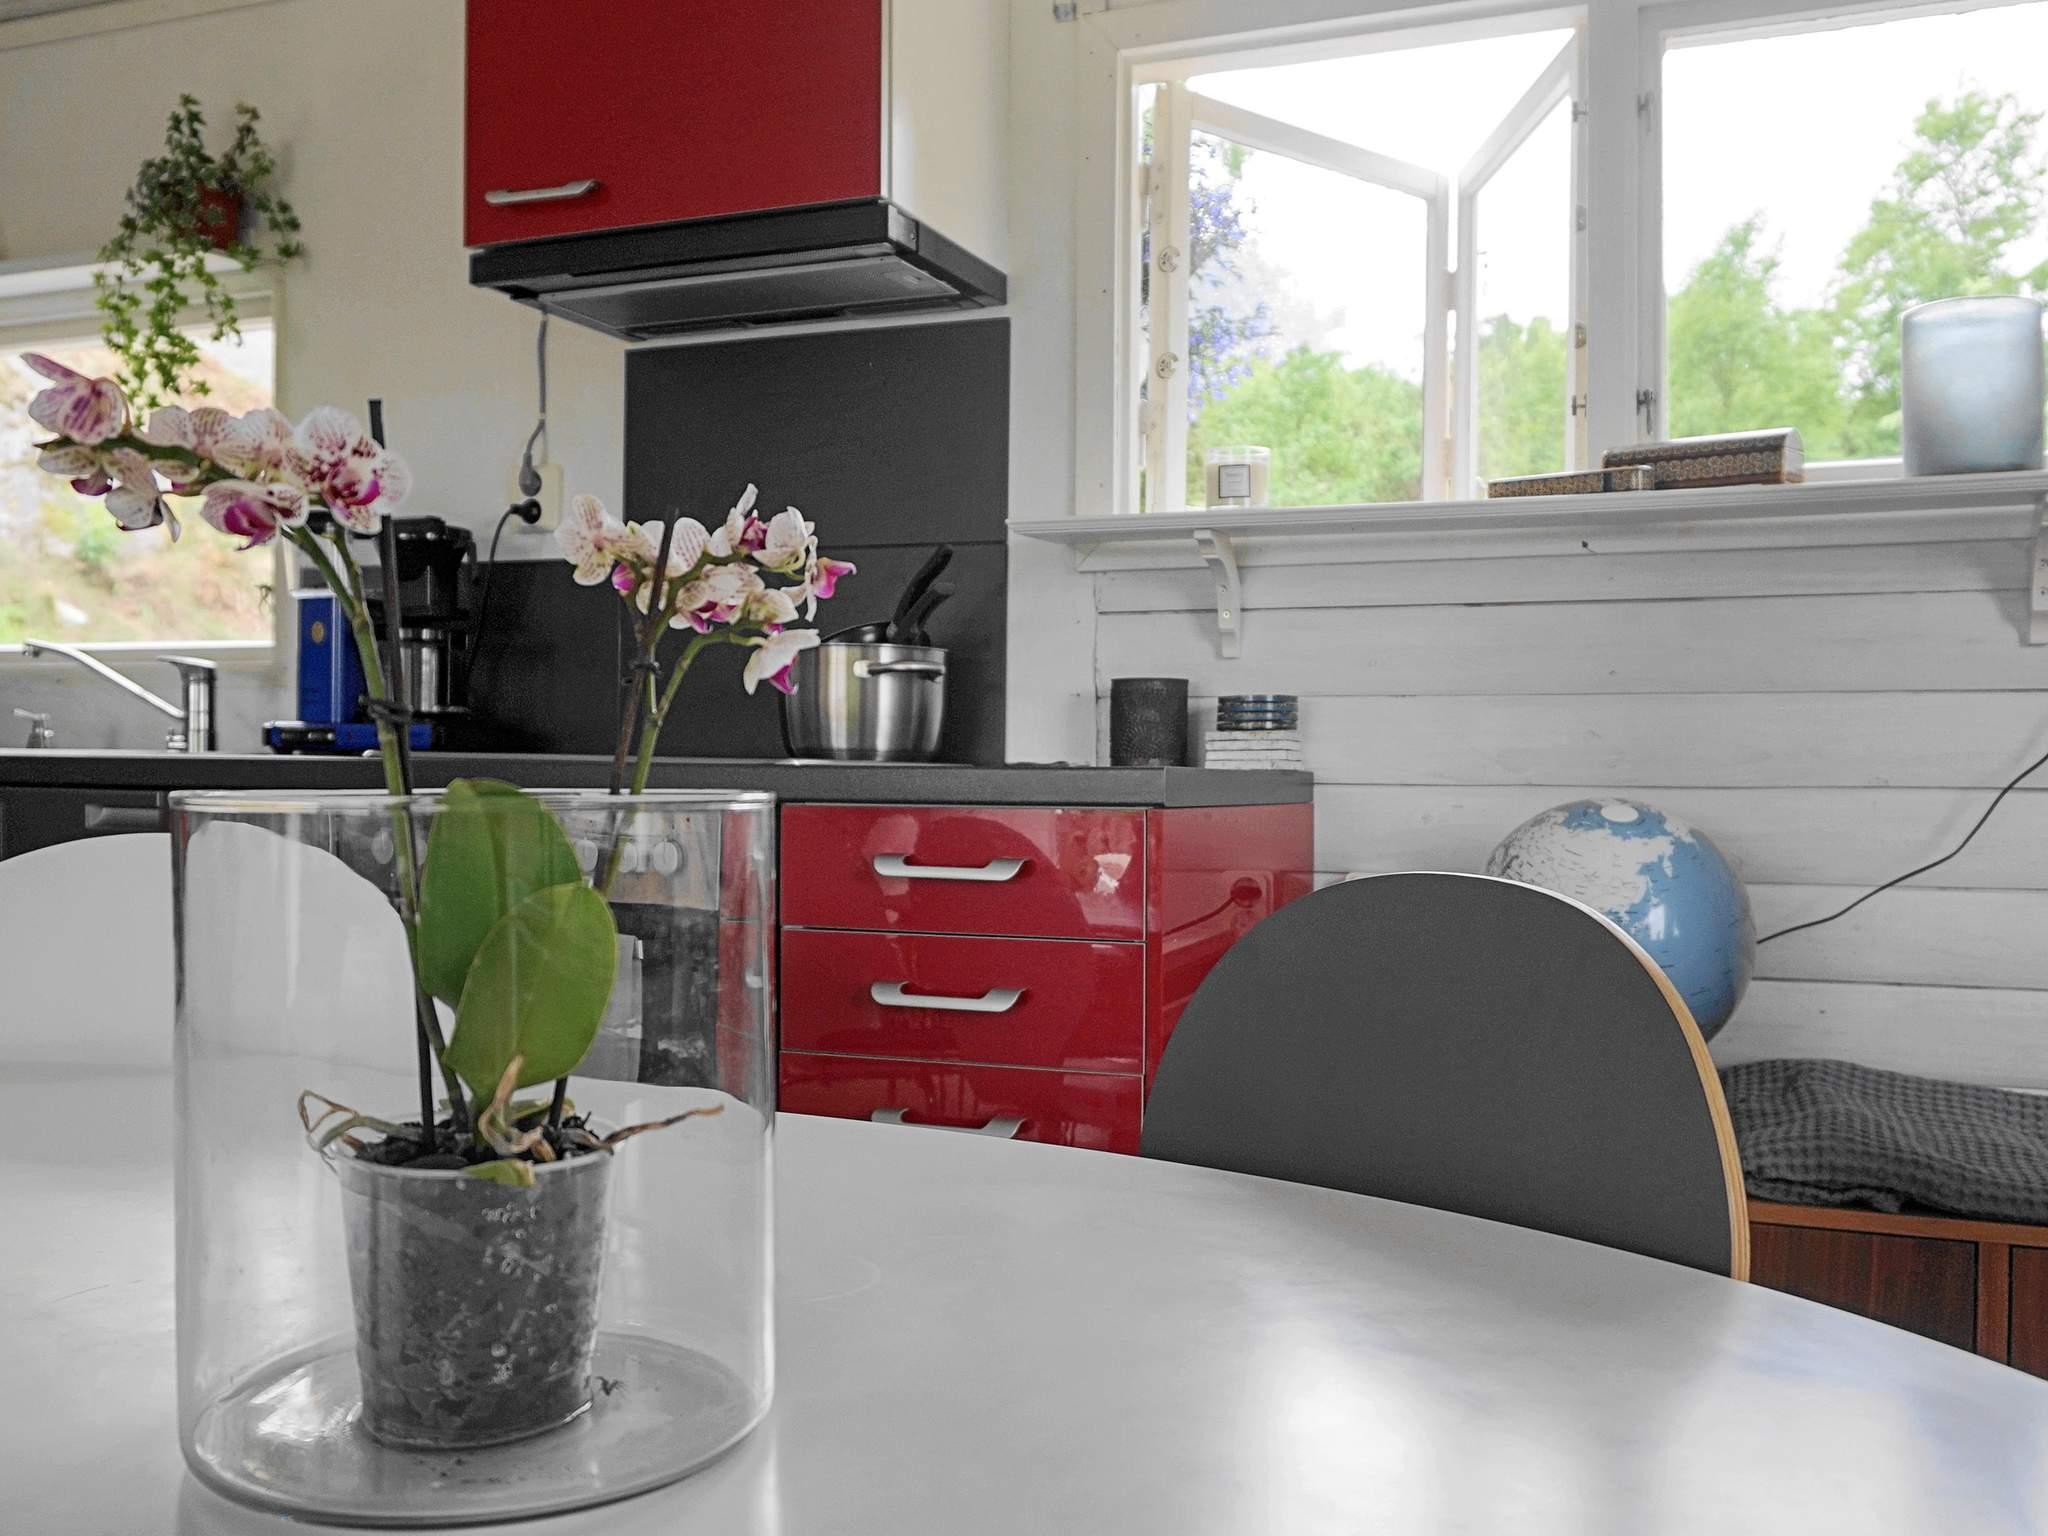 Ferienhaus Tjörn/Höviksnäs (2432182), Höviksnäs, Tjörn, Westschweden, Schweden, Bild 4